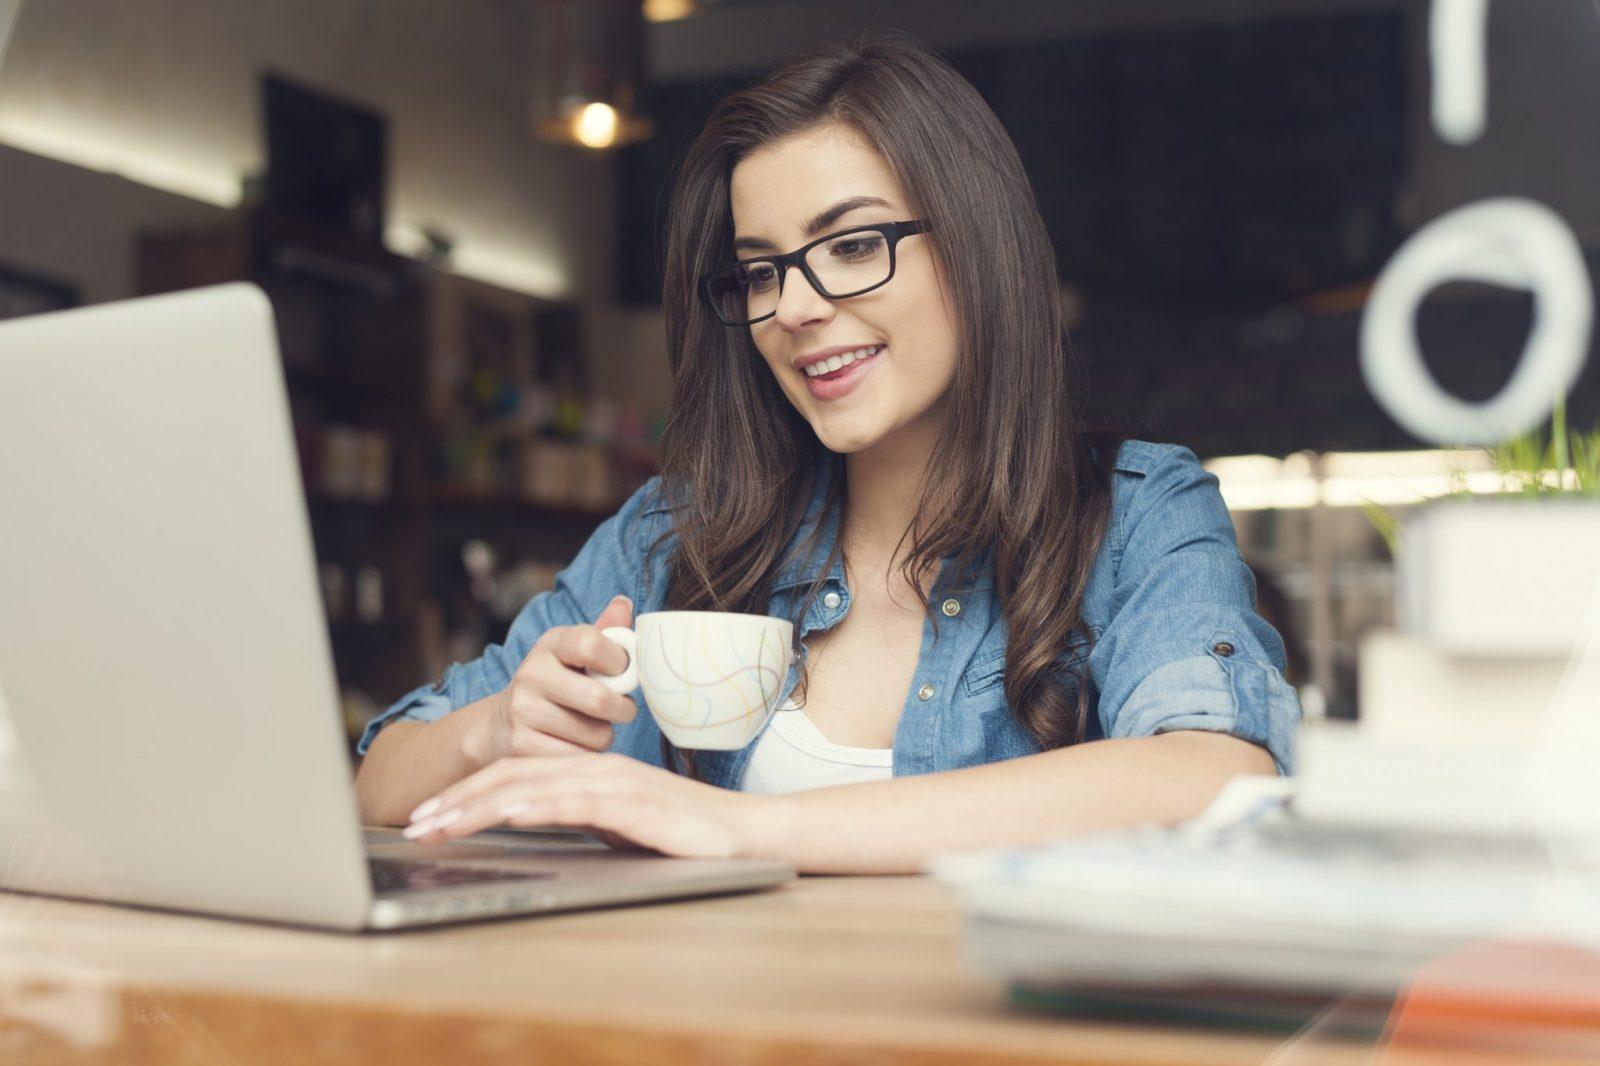 Gadżety dla nowoczesnej kobiety – uczyń życie przyjemniejszym!